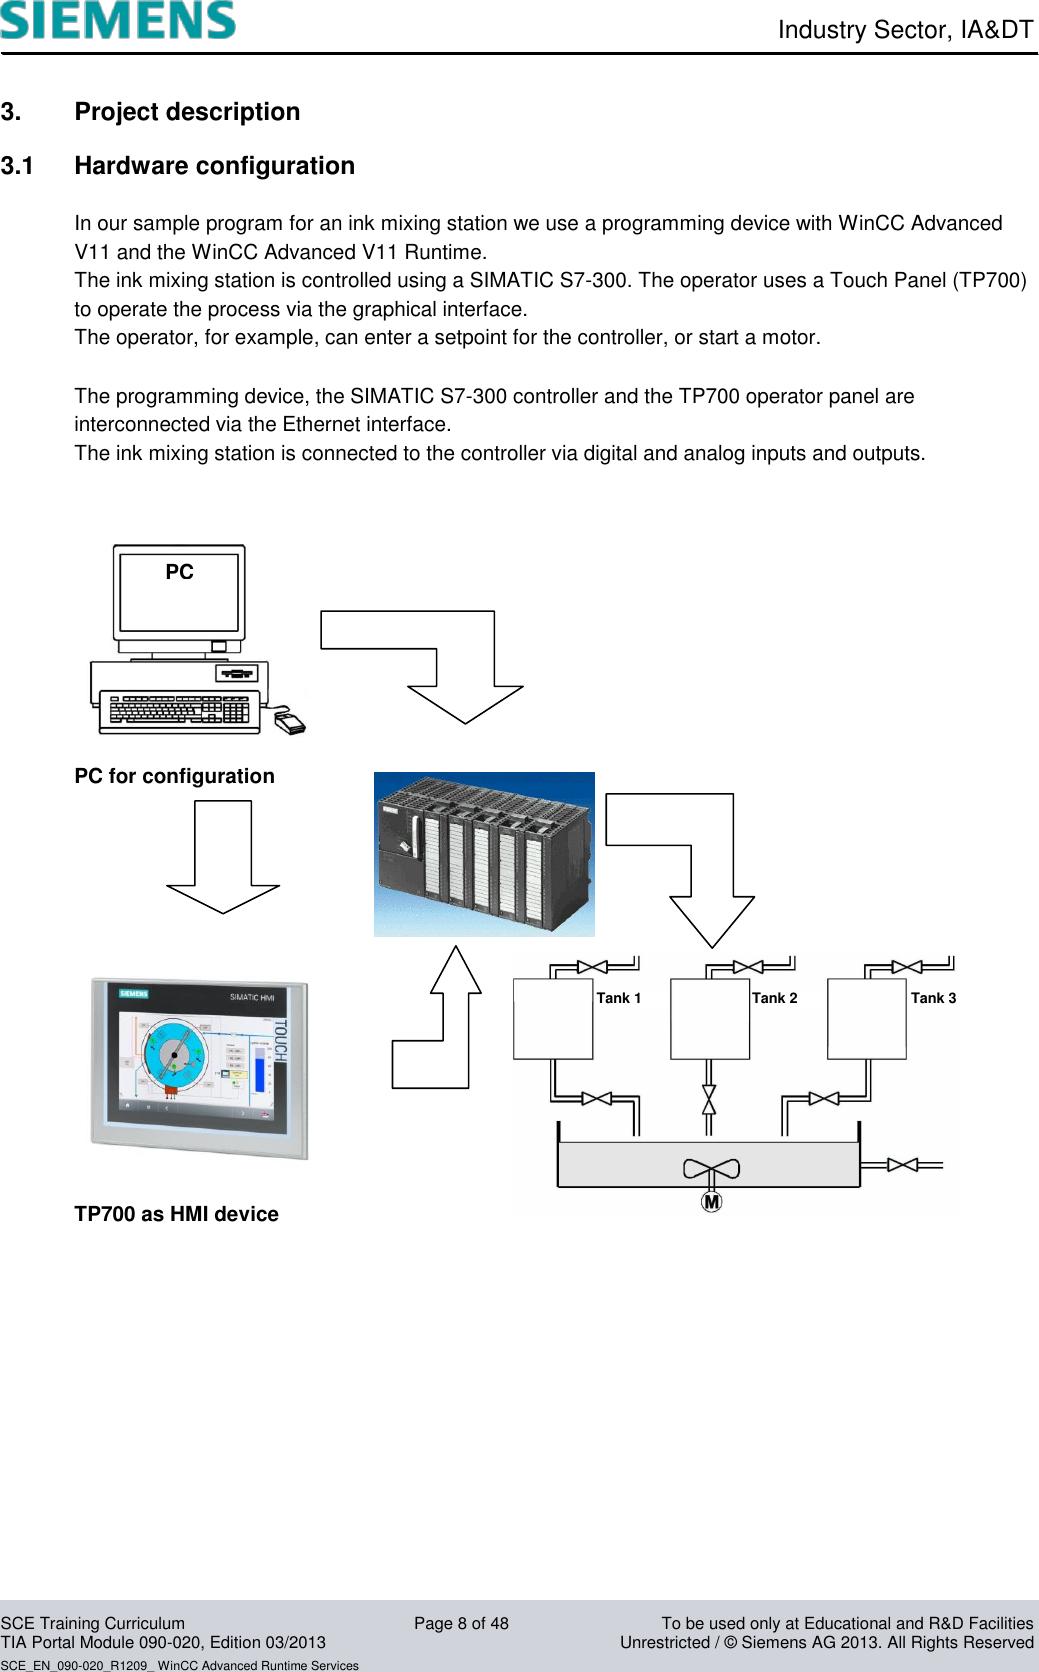 Siemens Tia Portal Module 090 020 Users Manual SCE_DE_090